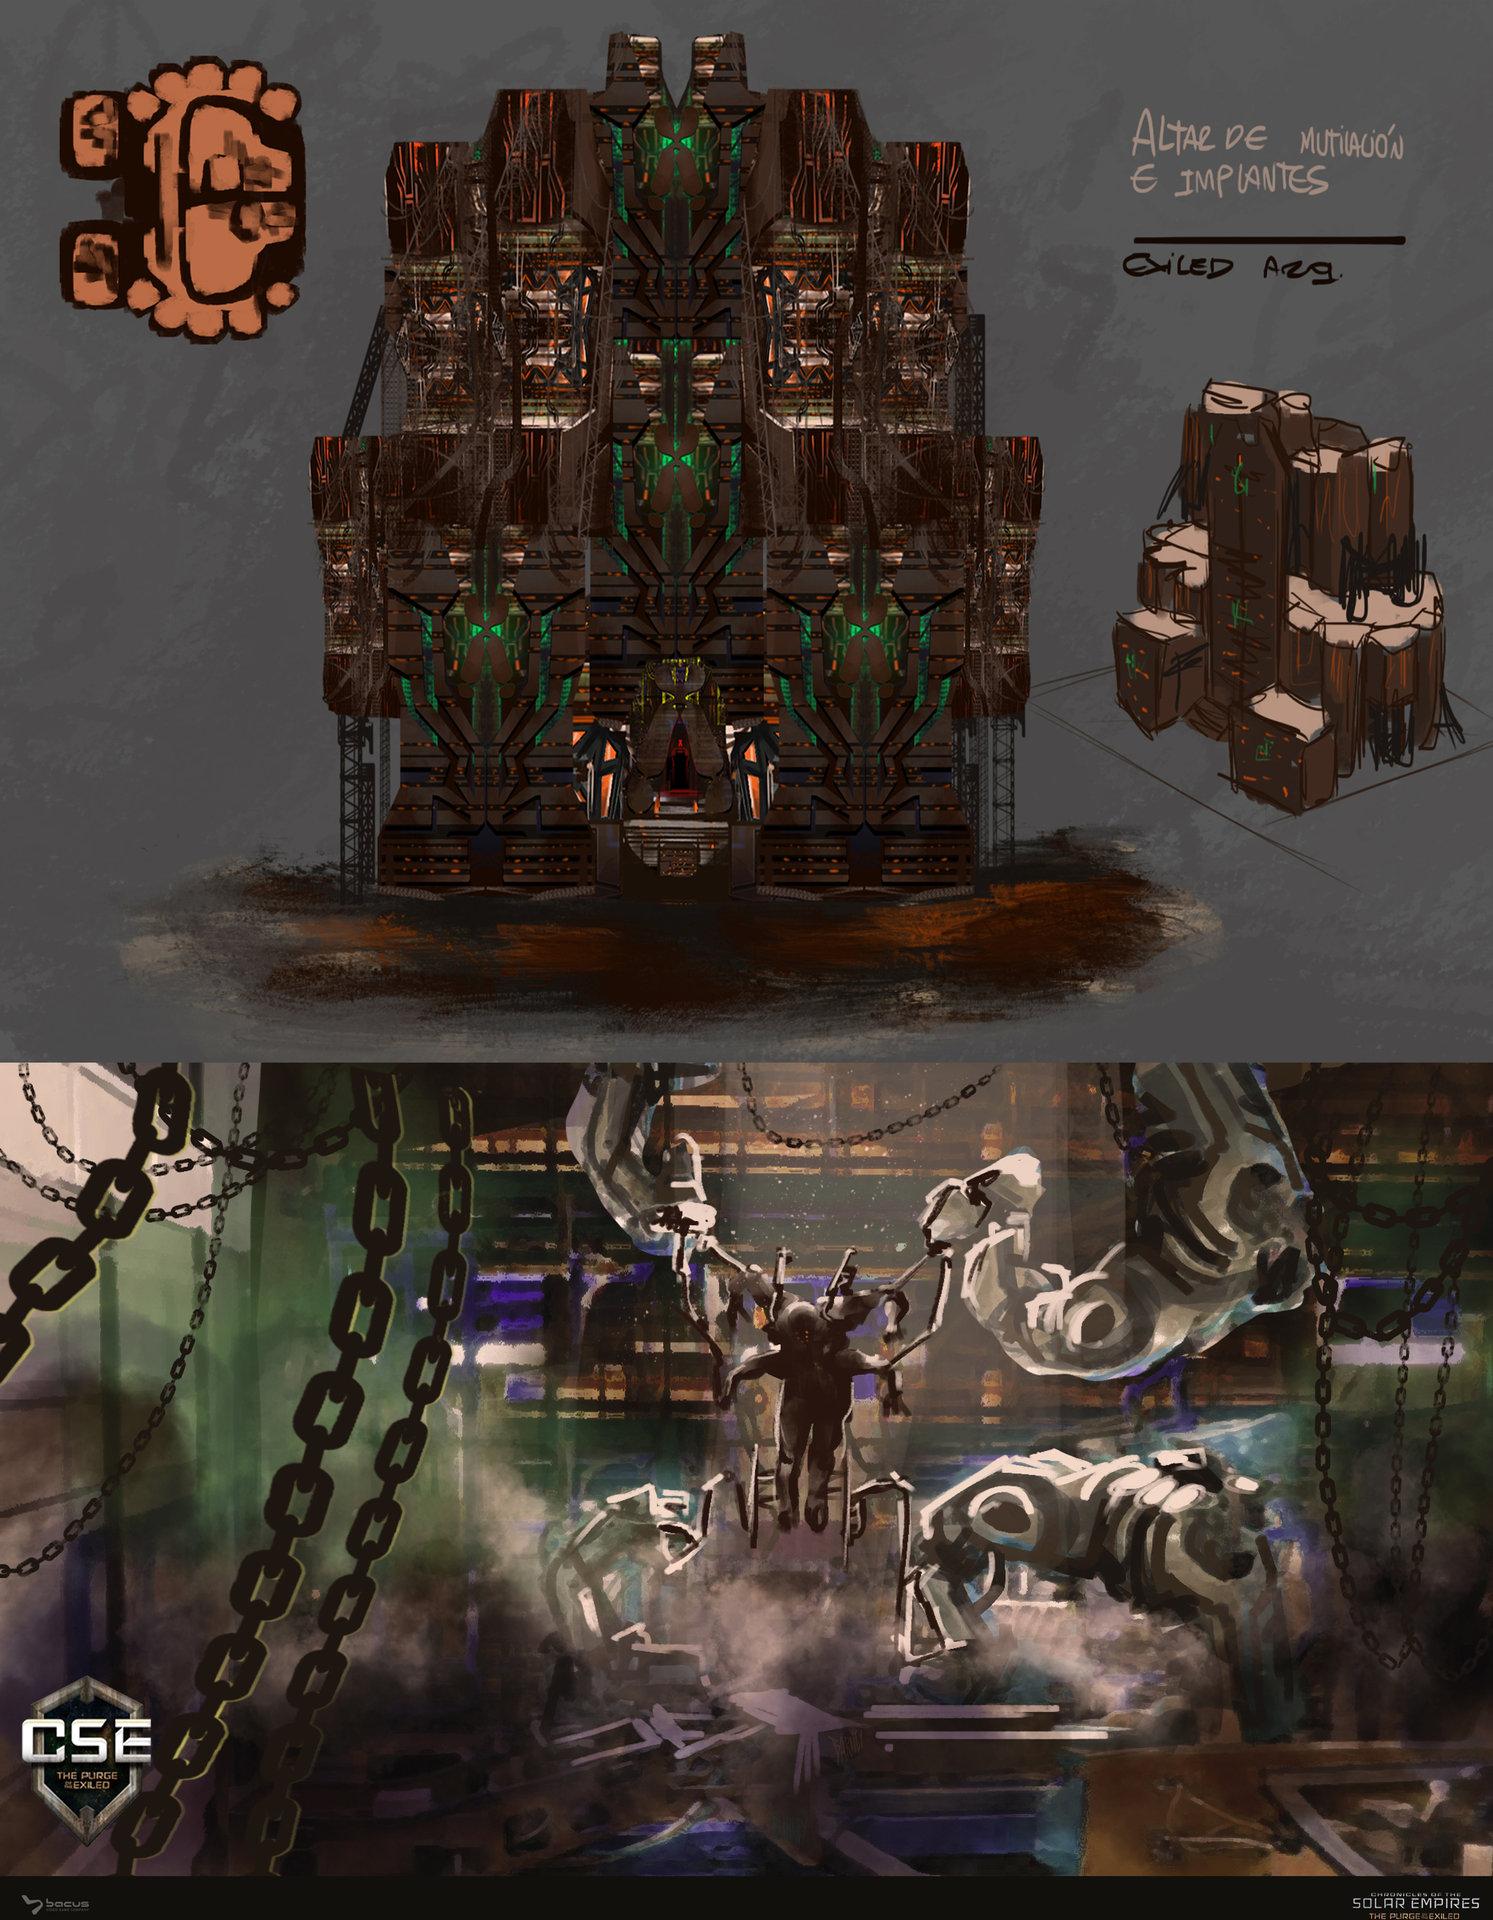 07 altar de mutilacion e implantes   exiled